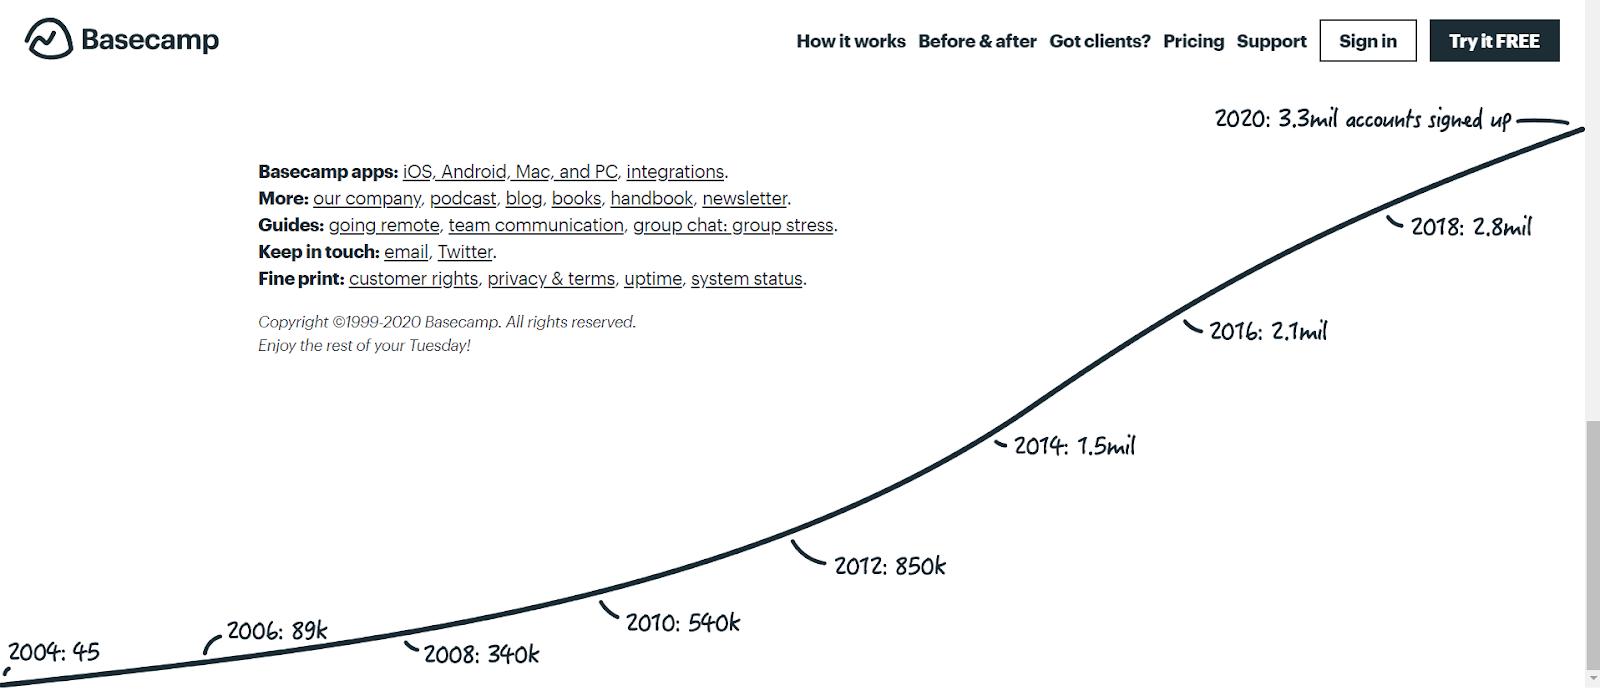 Интересная подача общего количества аккаунтов в форме графика у сервиса для управления проектами и задачами. Сразу понятно, что сервис работает много лет и пользуется популярностью